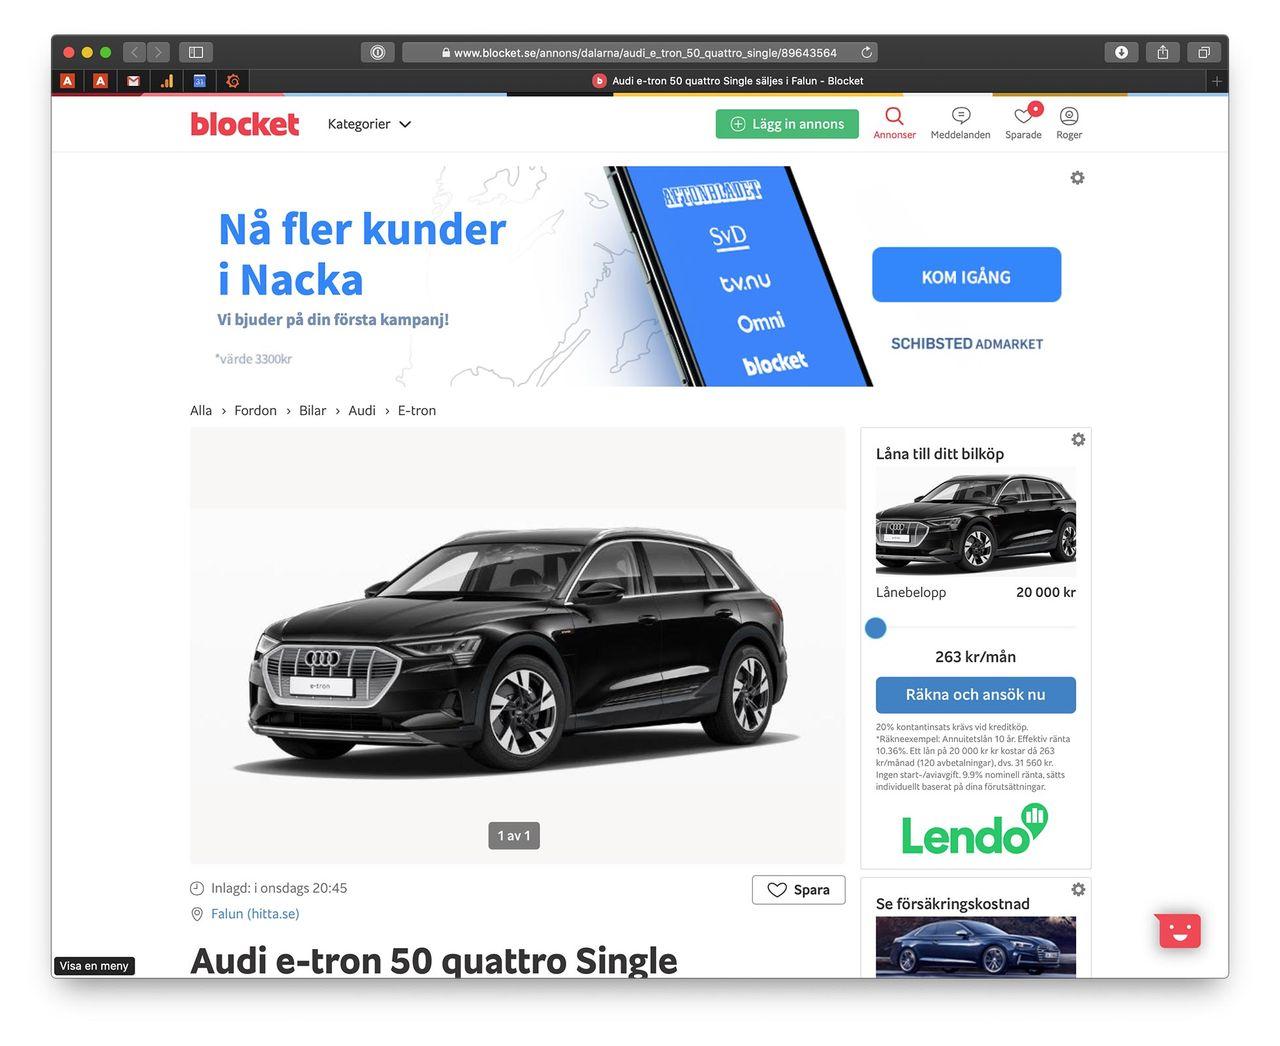 Stefan försöker bli av med sin kassa Audi e-tron